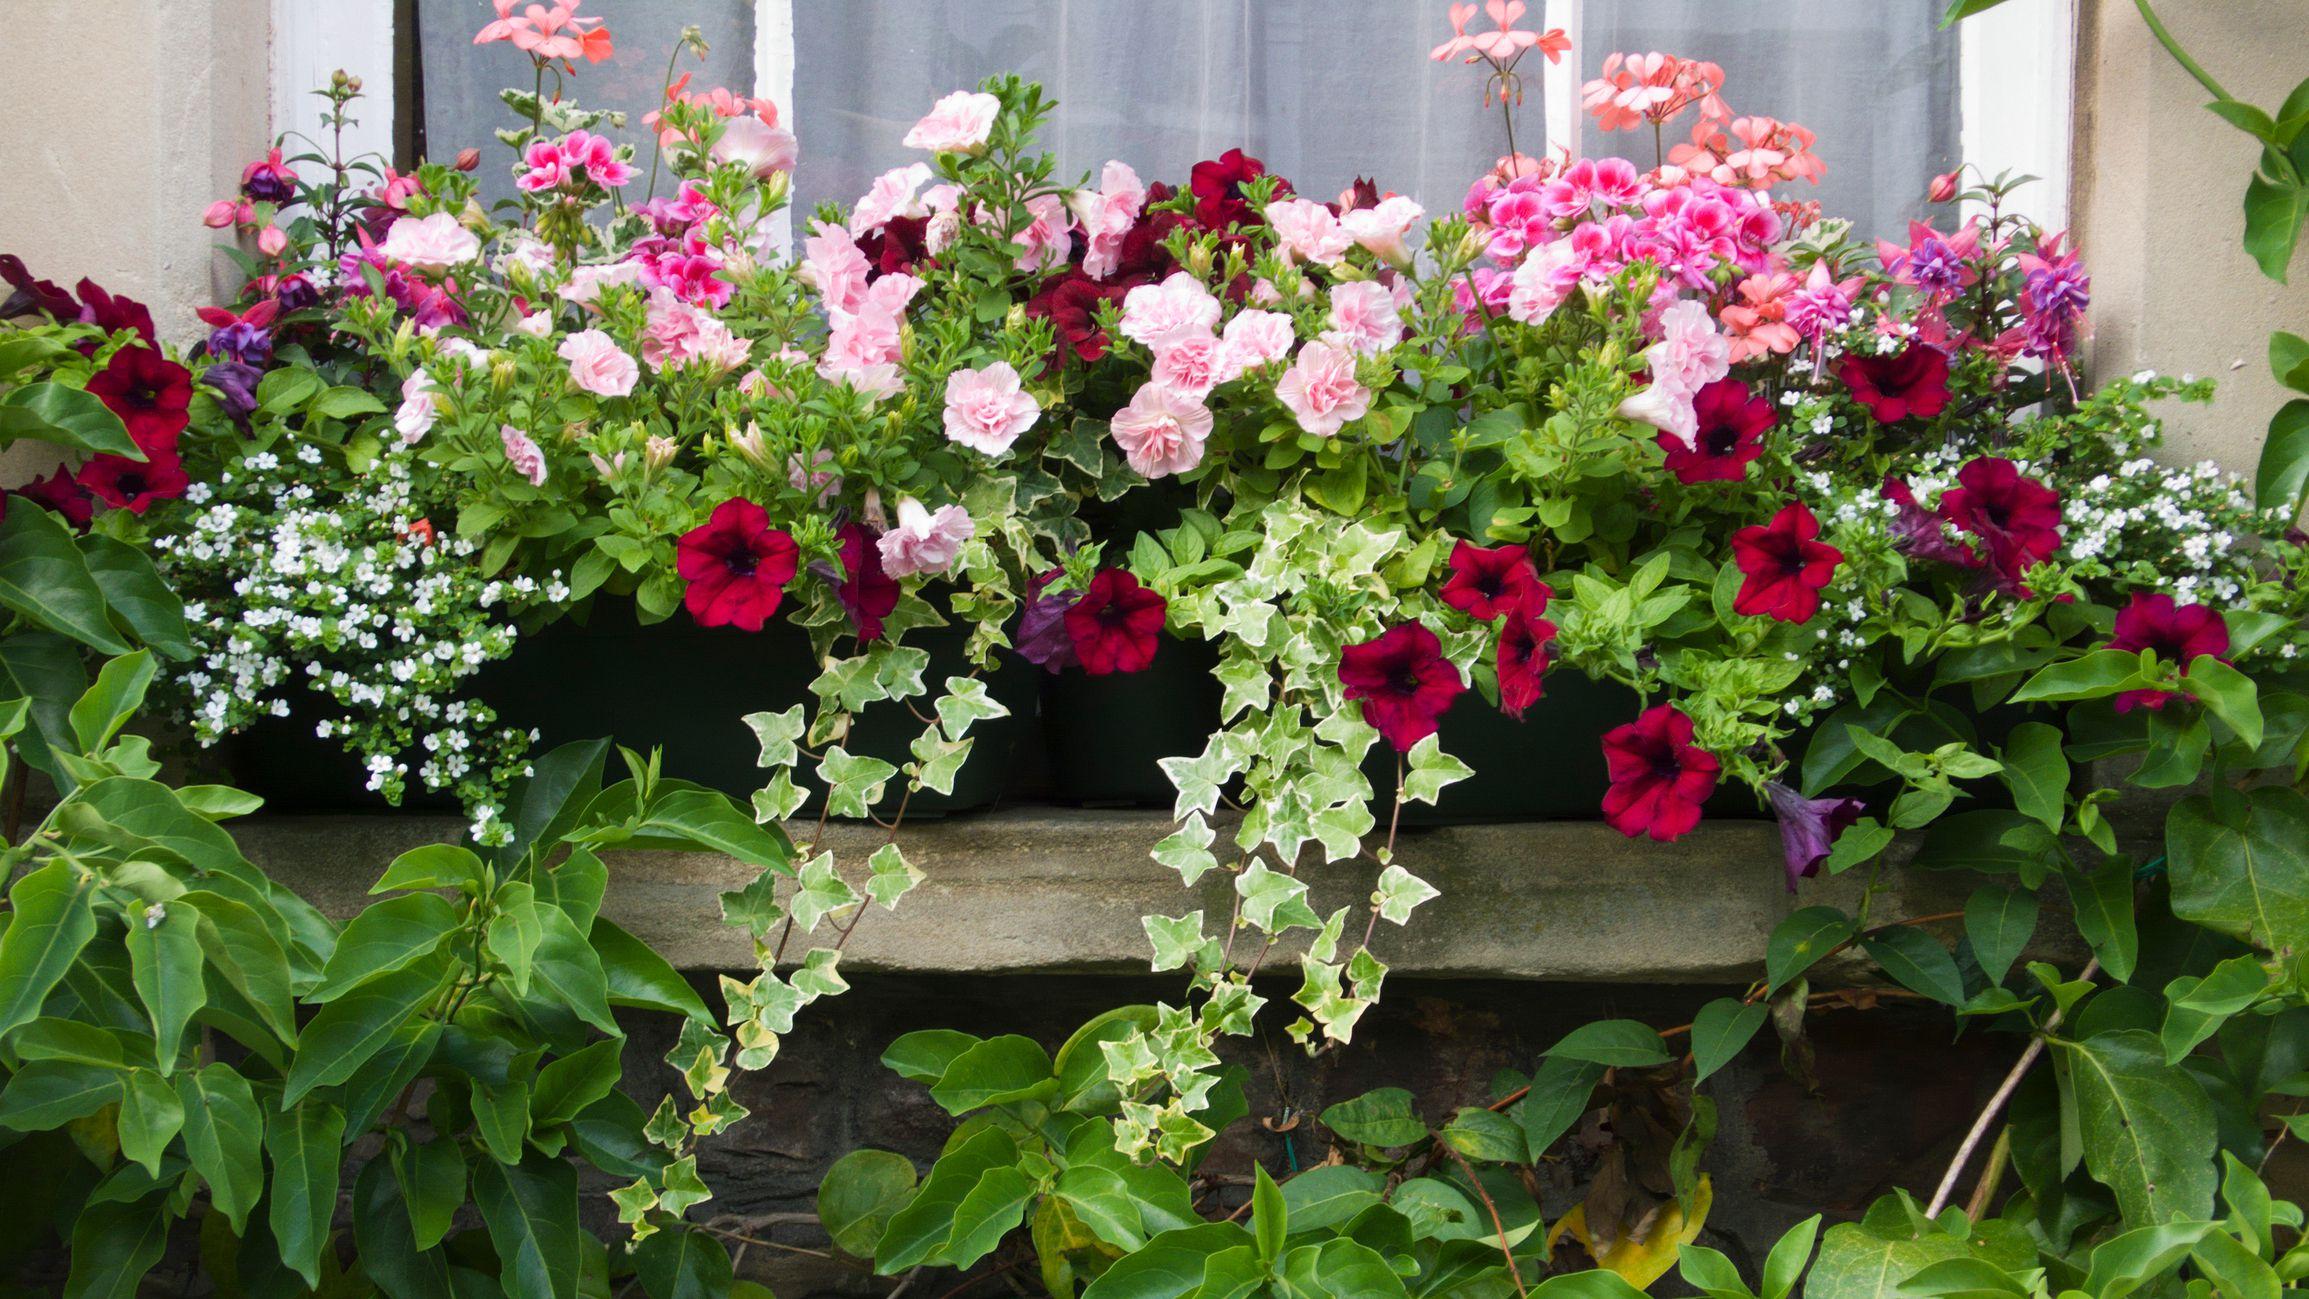 Top 7 flowering container garden plants for sunny spots izmirmasajfo